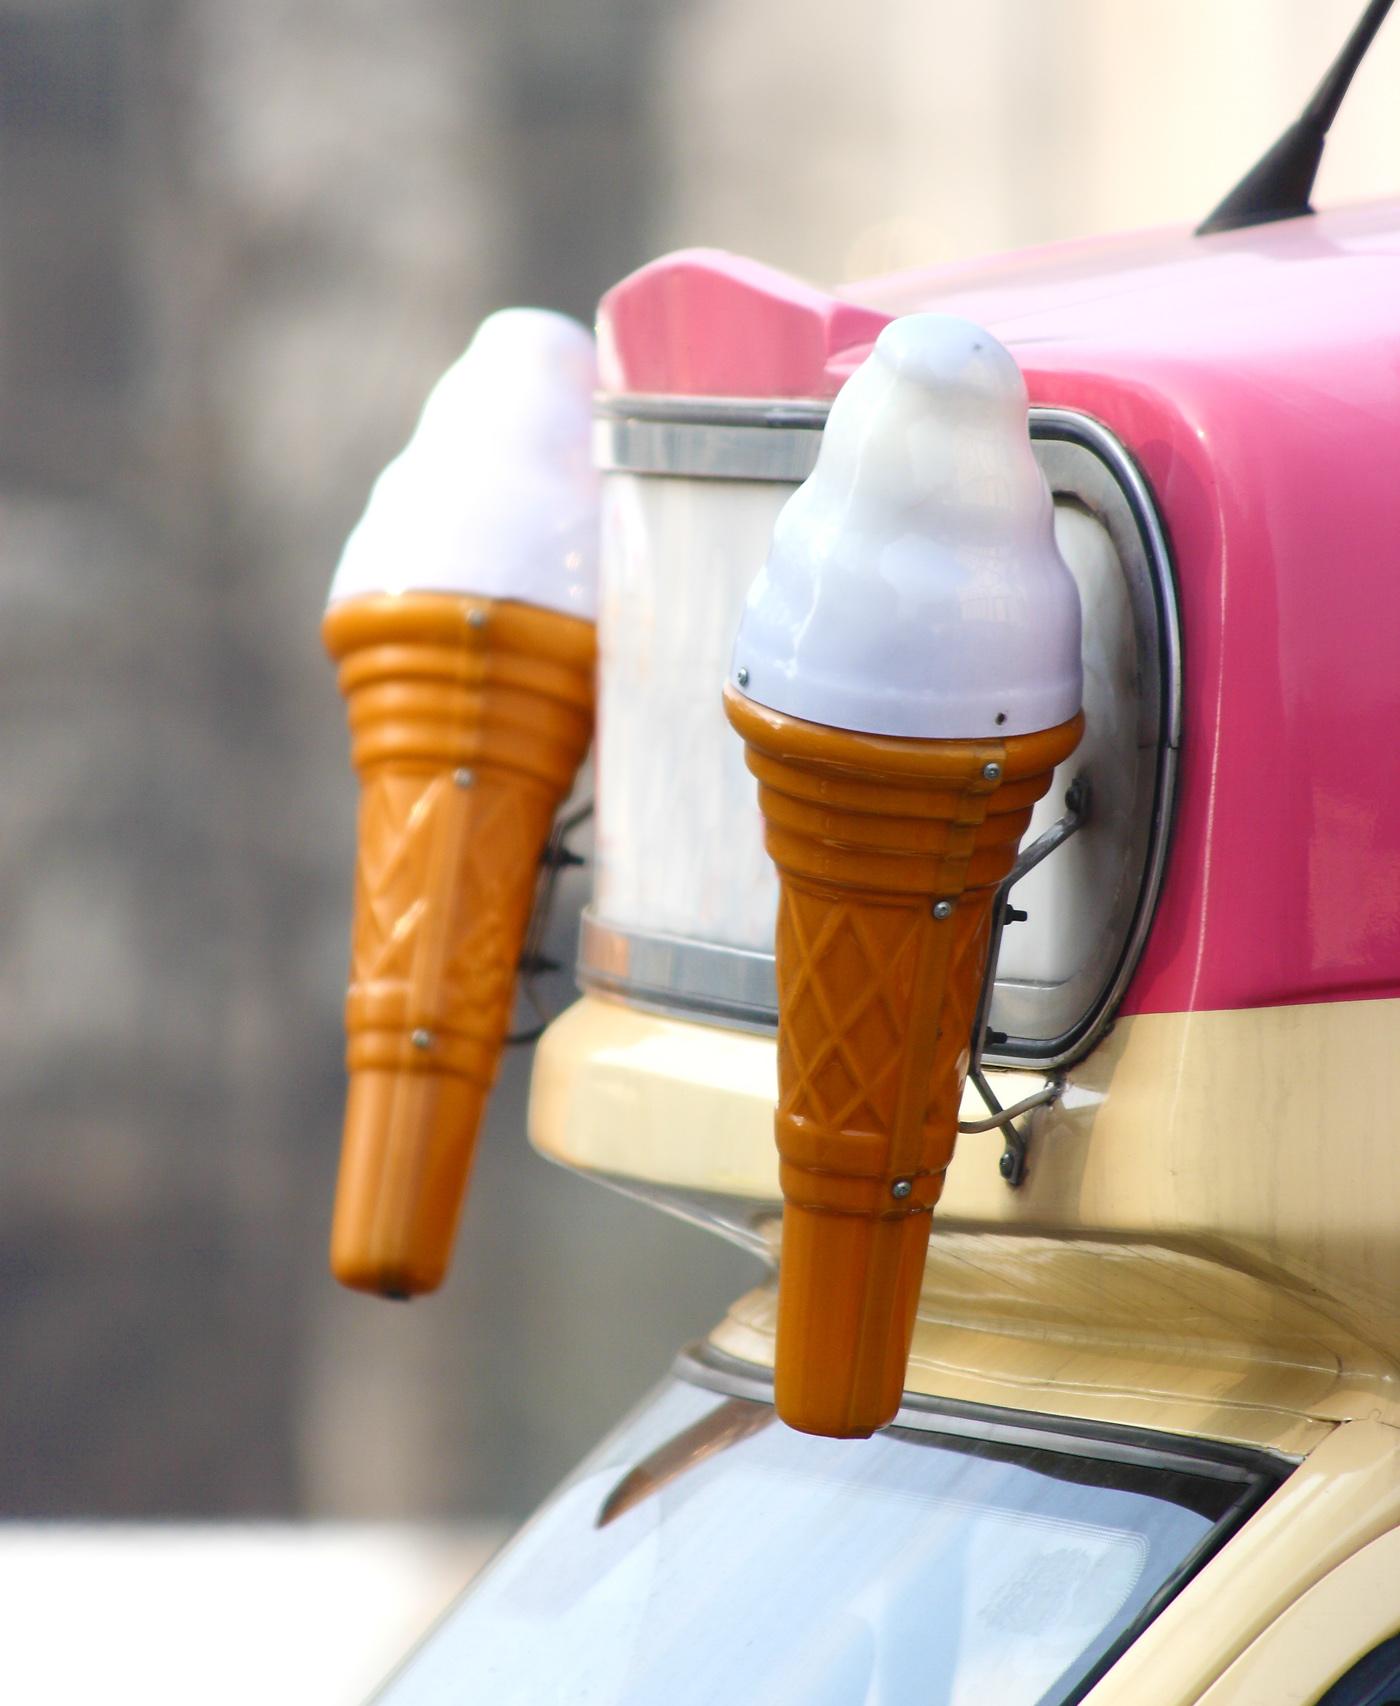 Ice cream cones on an ice cream van photo